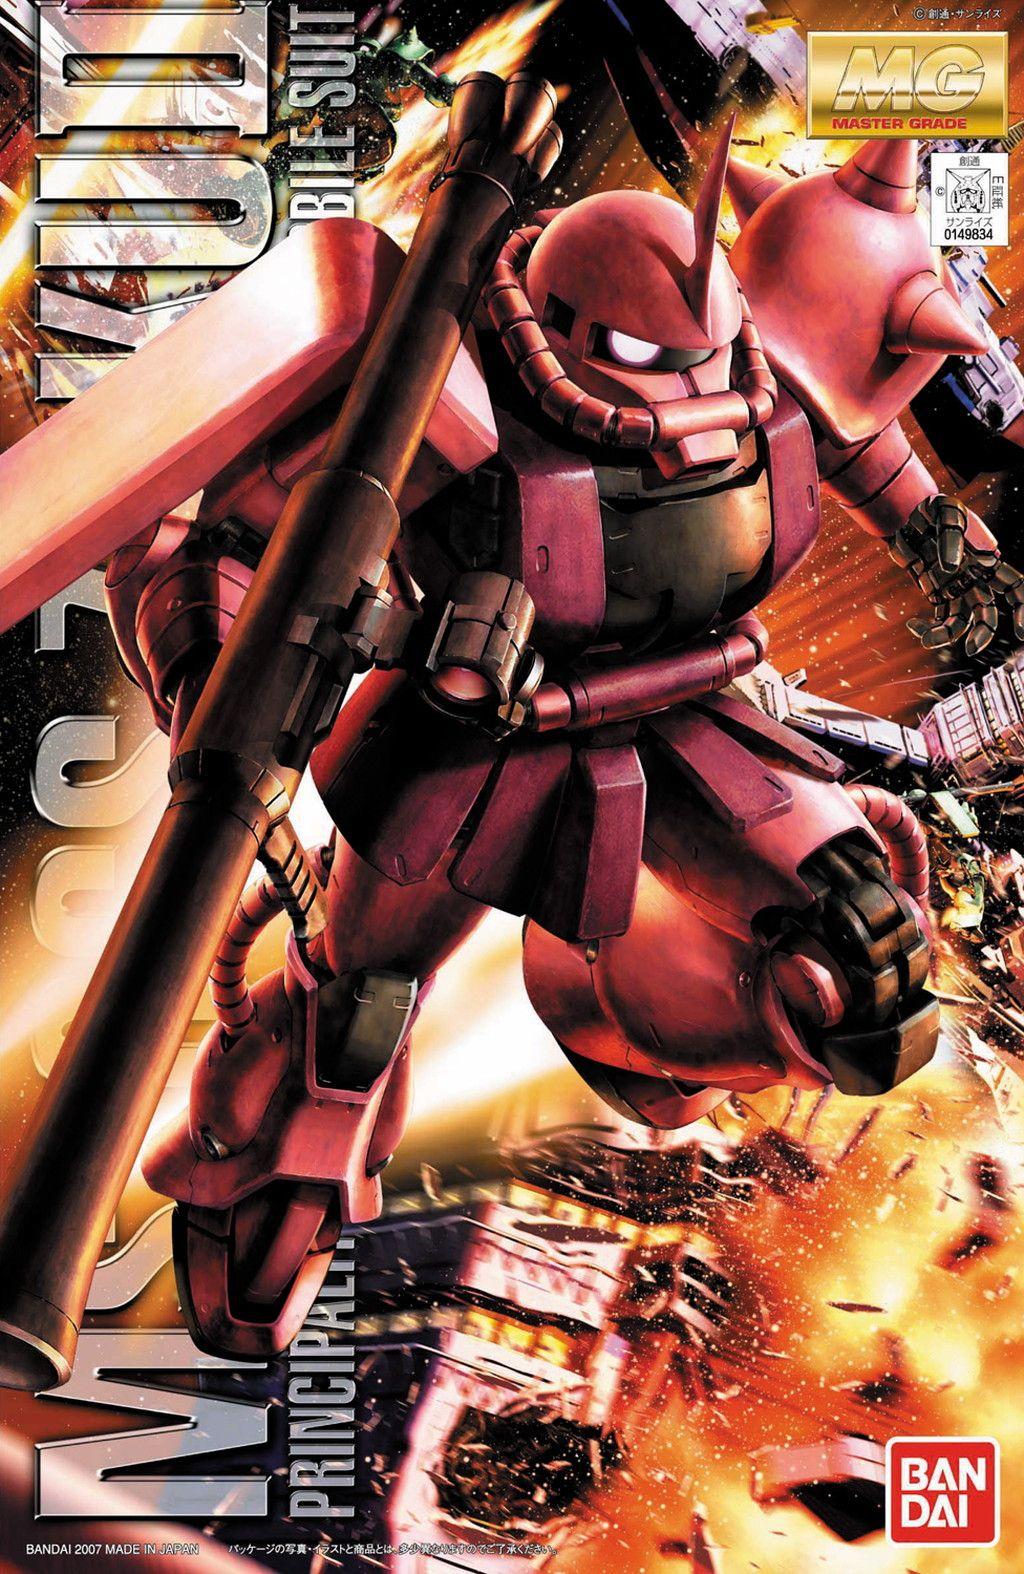 ◆時光殺手玩具館◆ 現貨 組裝模型 模型 鋼彈模型 BANDAI MG 1/100 機動戰士鋼彈 夏亞專用 紅薩克 MS-06S ZAKUII Ver. 2.0 紅色彗星